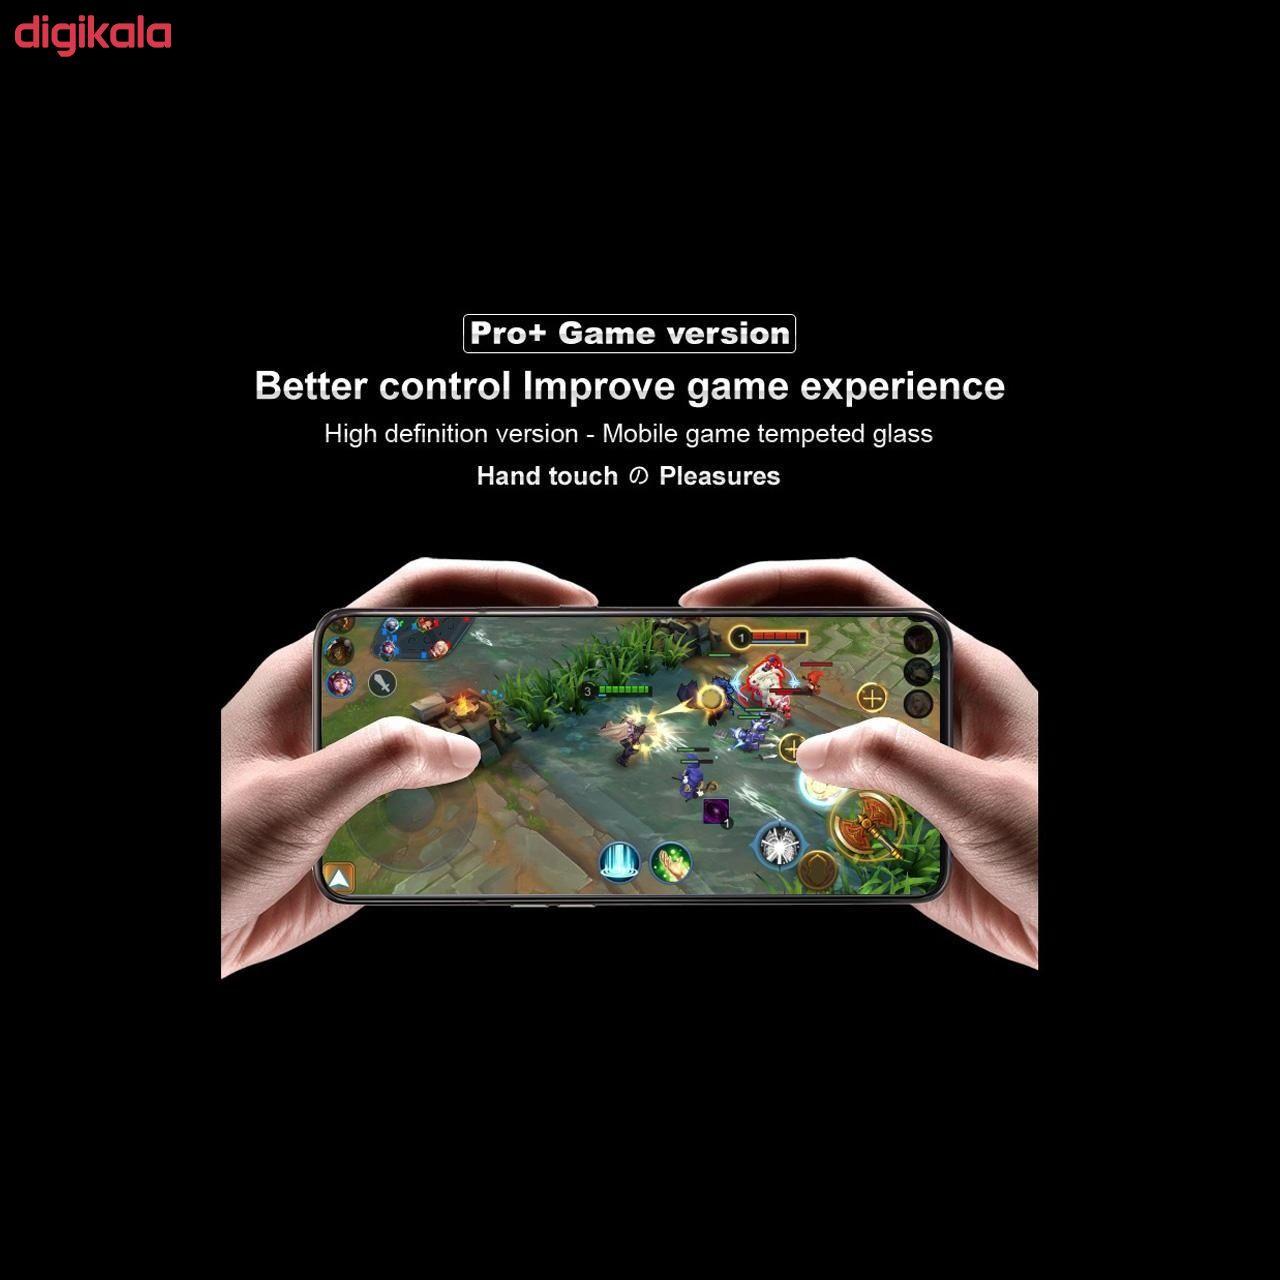 محافظ صفحه نمایش ولگا مدل CER-Powertech مناسب برای گوشی موبایل سامسونگ Galaxy A51 main 1 1